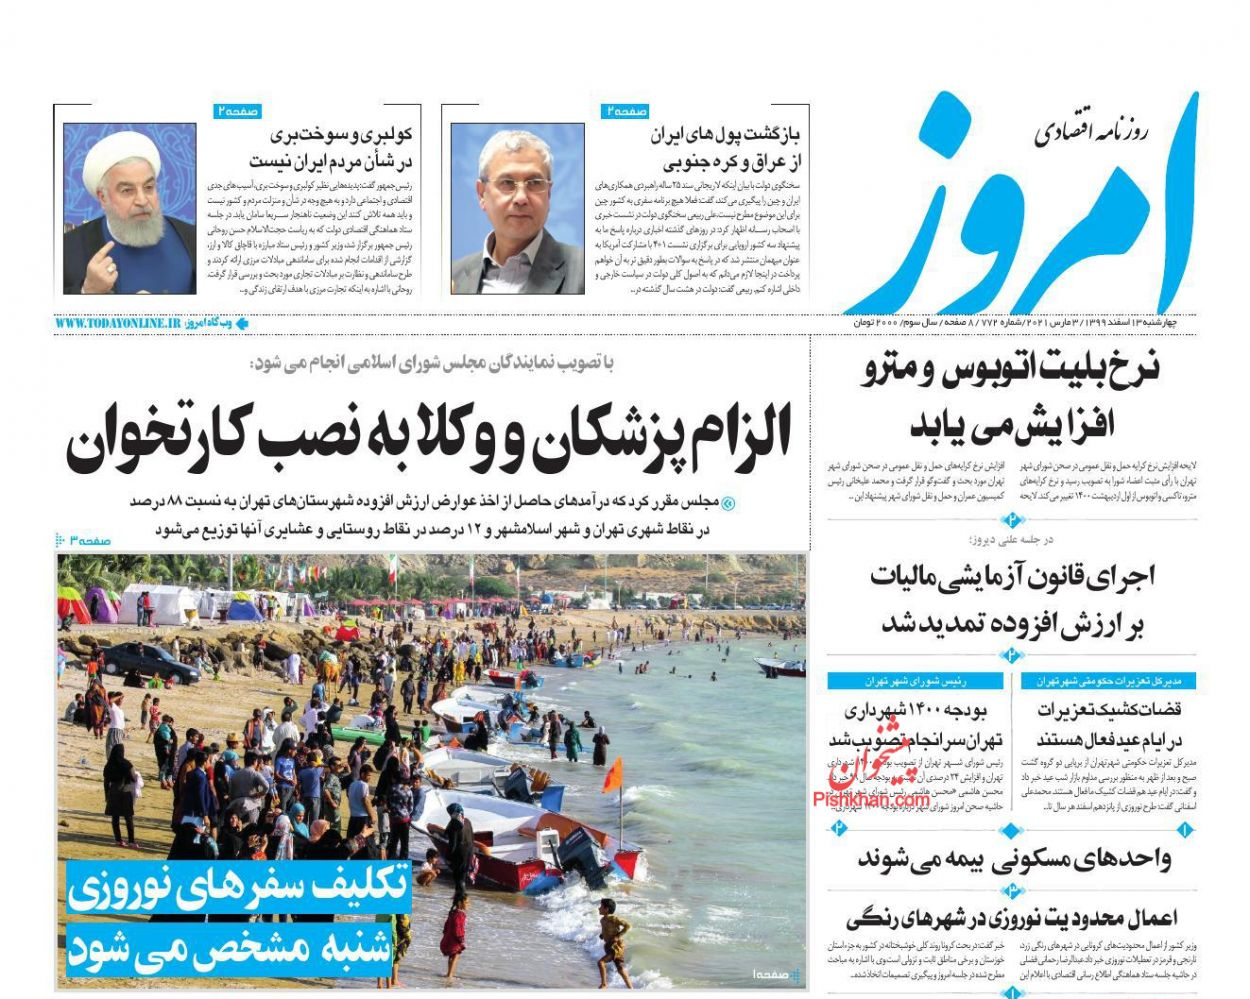 عناوین اخبار روزنامه امروز در روز چهارشنبه ۱۳ اسفند